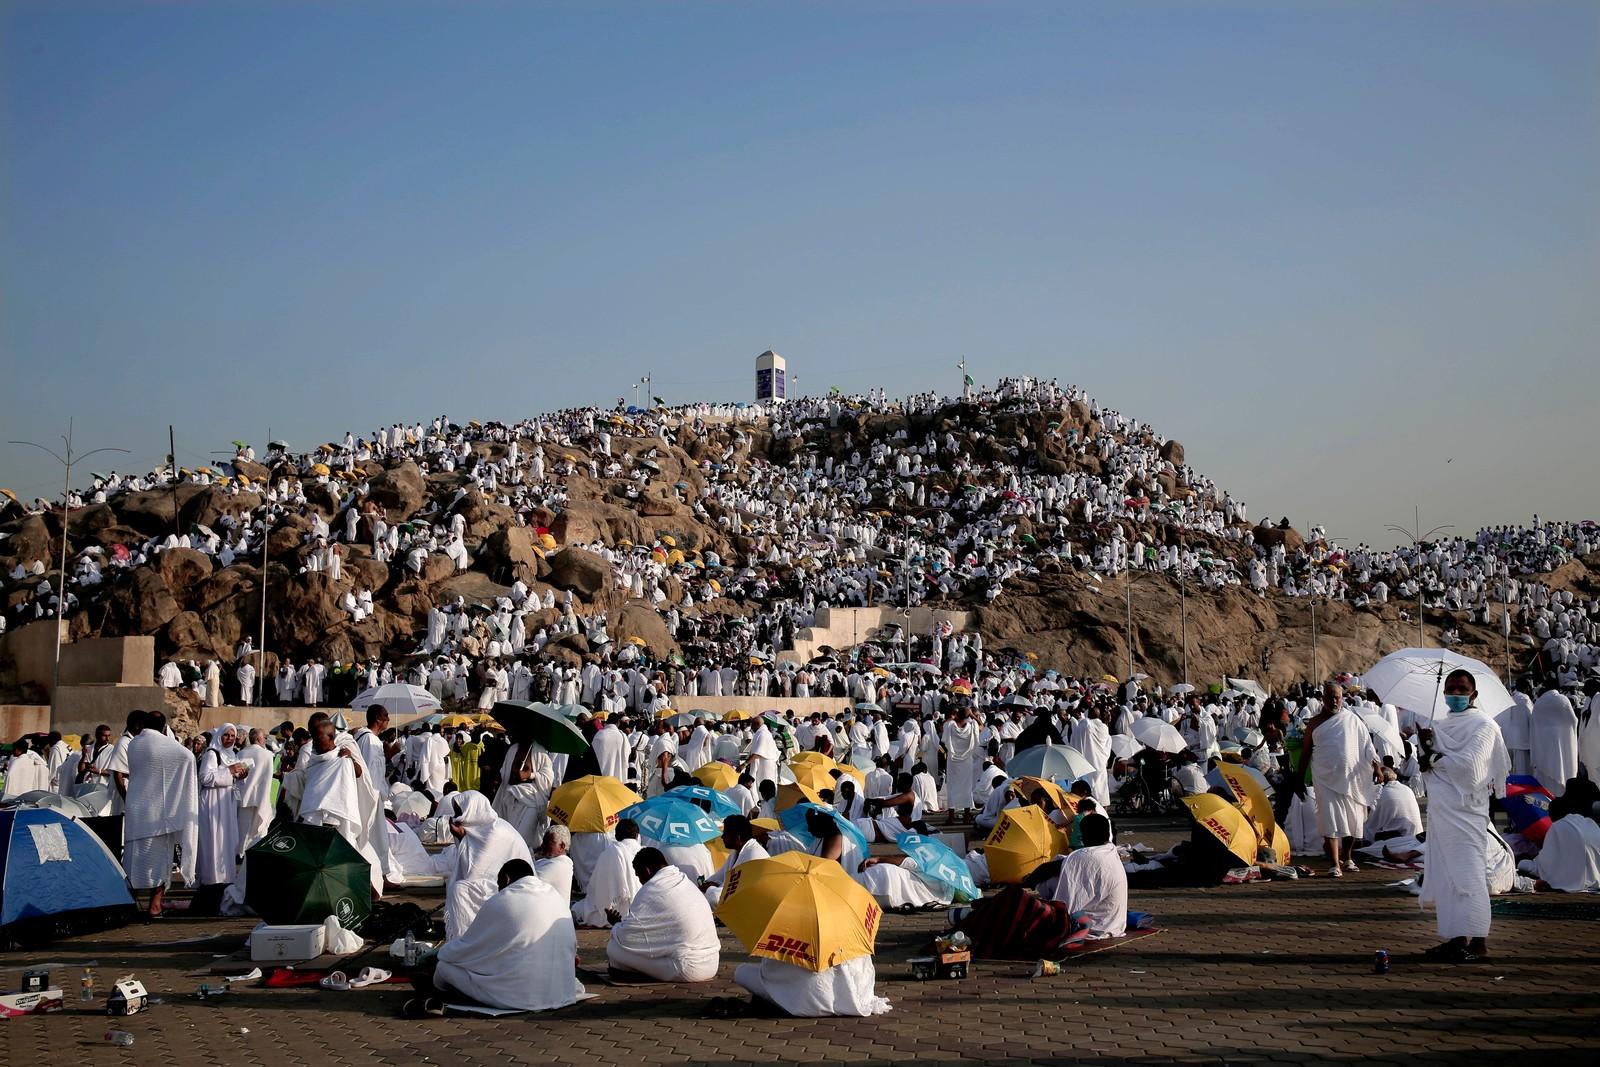 SAMLET PÅ FJELLET: Arafat-fjellet i Saudi-Arabia så nærmest snødekket ut da pilegrimene samlet seg der søndag.